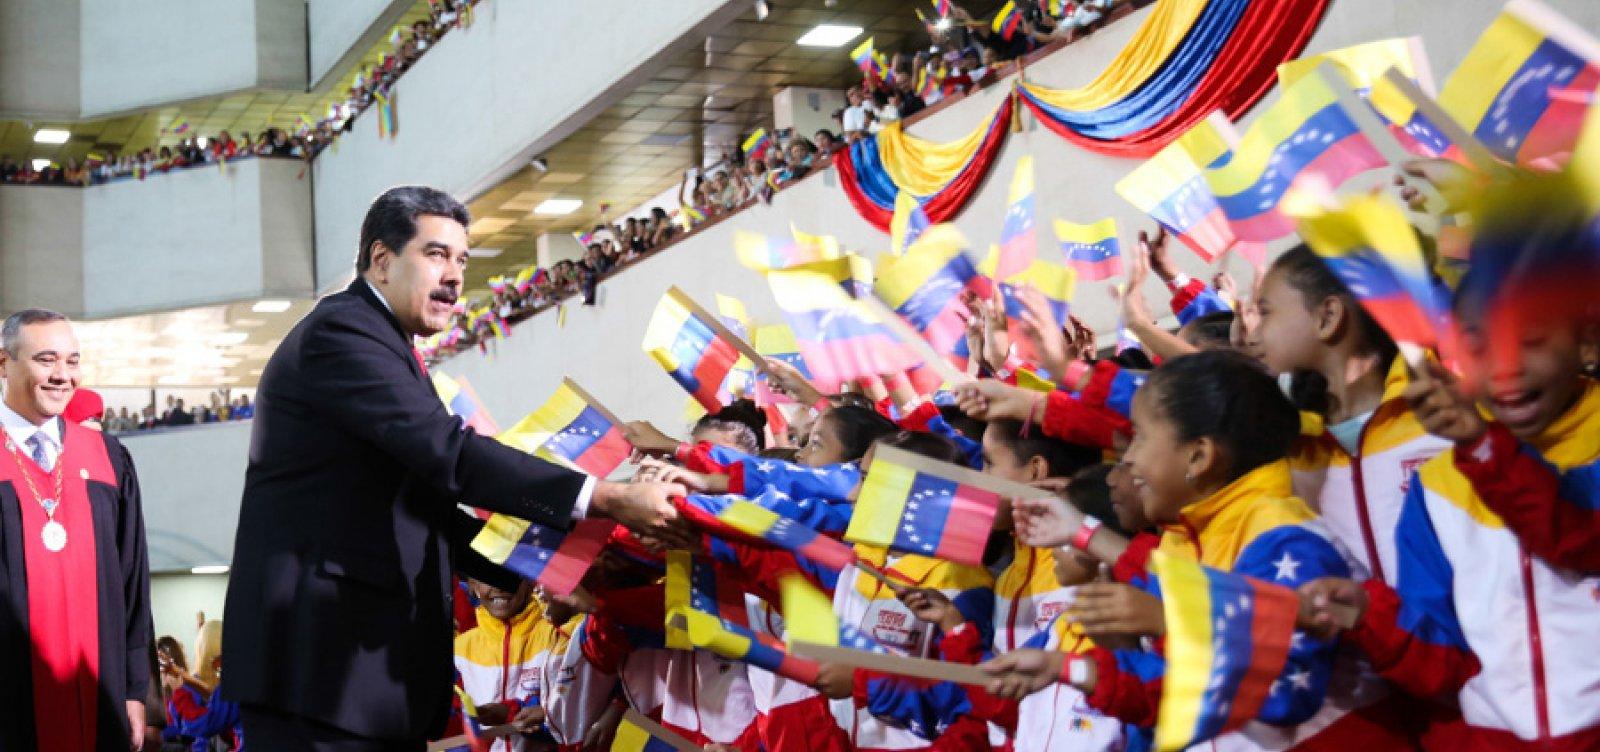 [Mandato de Maduro é 'ilegítimo', diz Itamaraty]